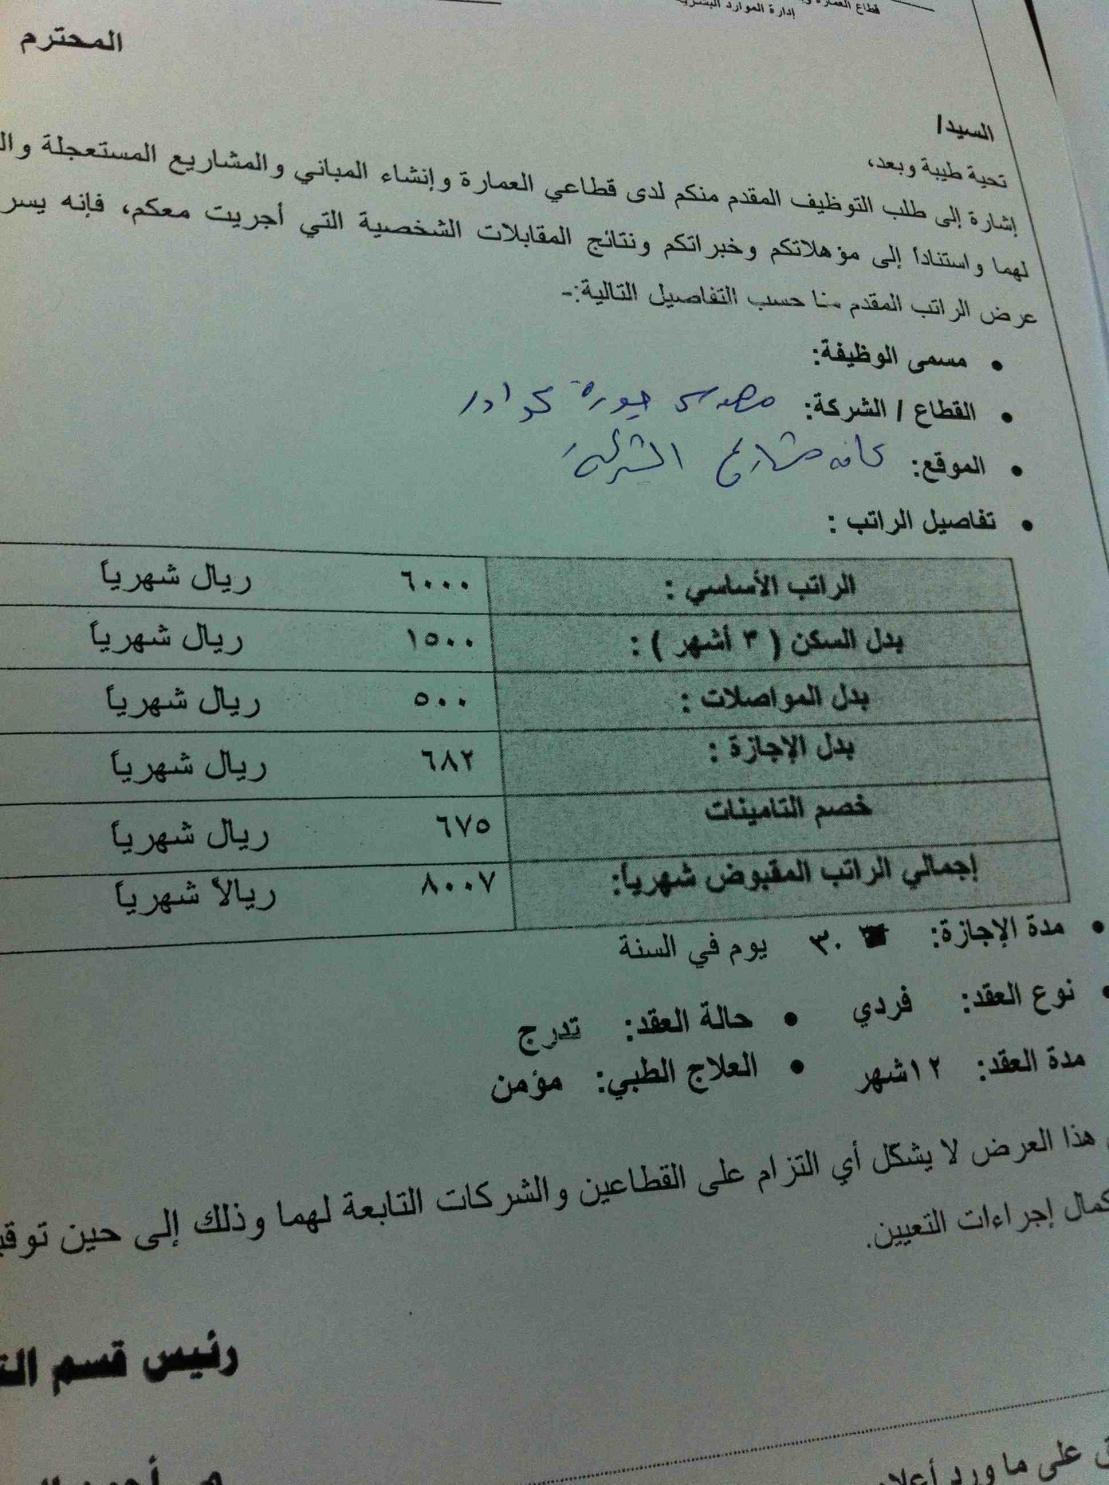 استفسار عن برنامج كوادر الأمن والسلامة مجموعة بن لادن Stkfupm منتديات طلاب جامعة الملك فهد للبترول والمعادن